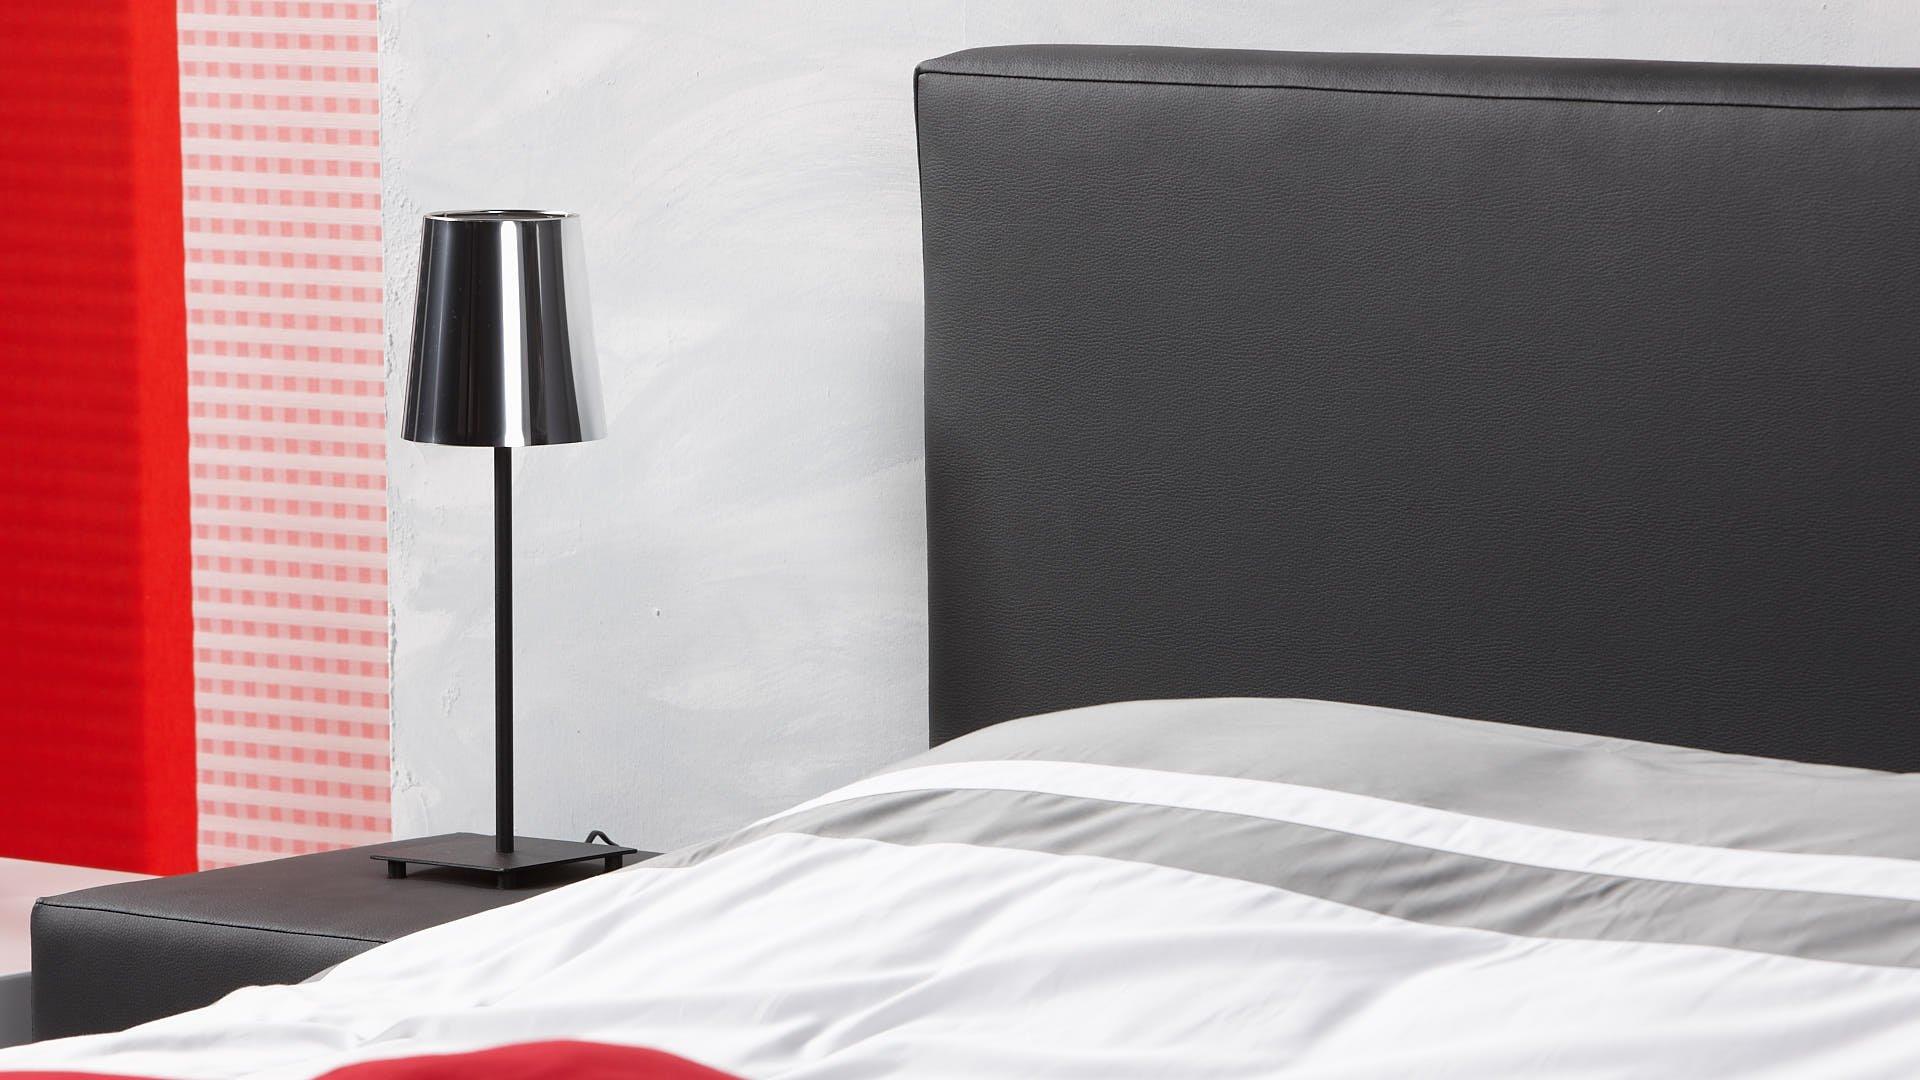 waterbed hoofdbord met nachttafelset in dezelfde kleur